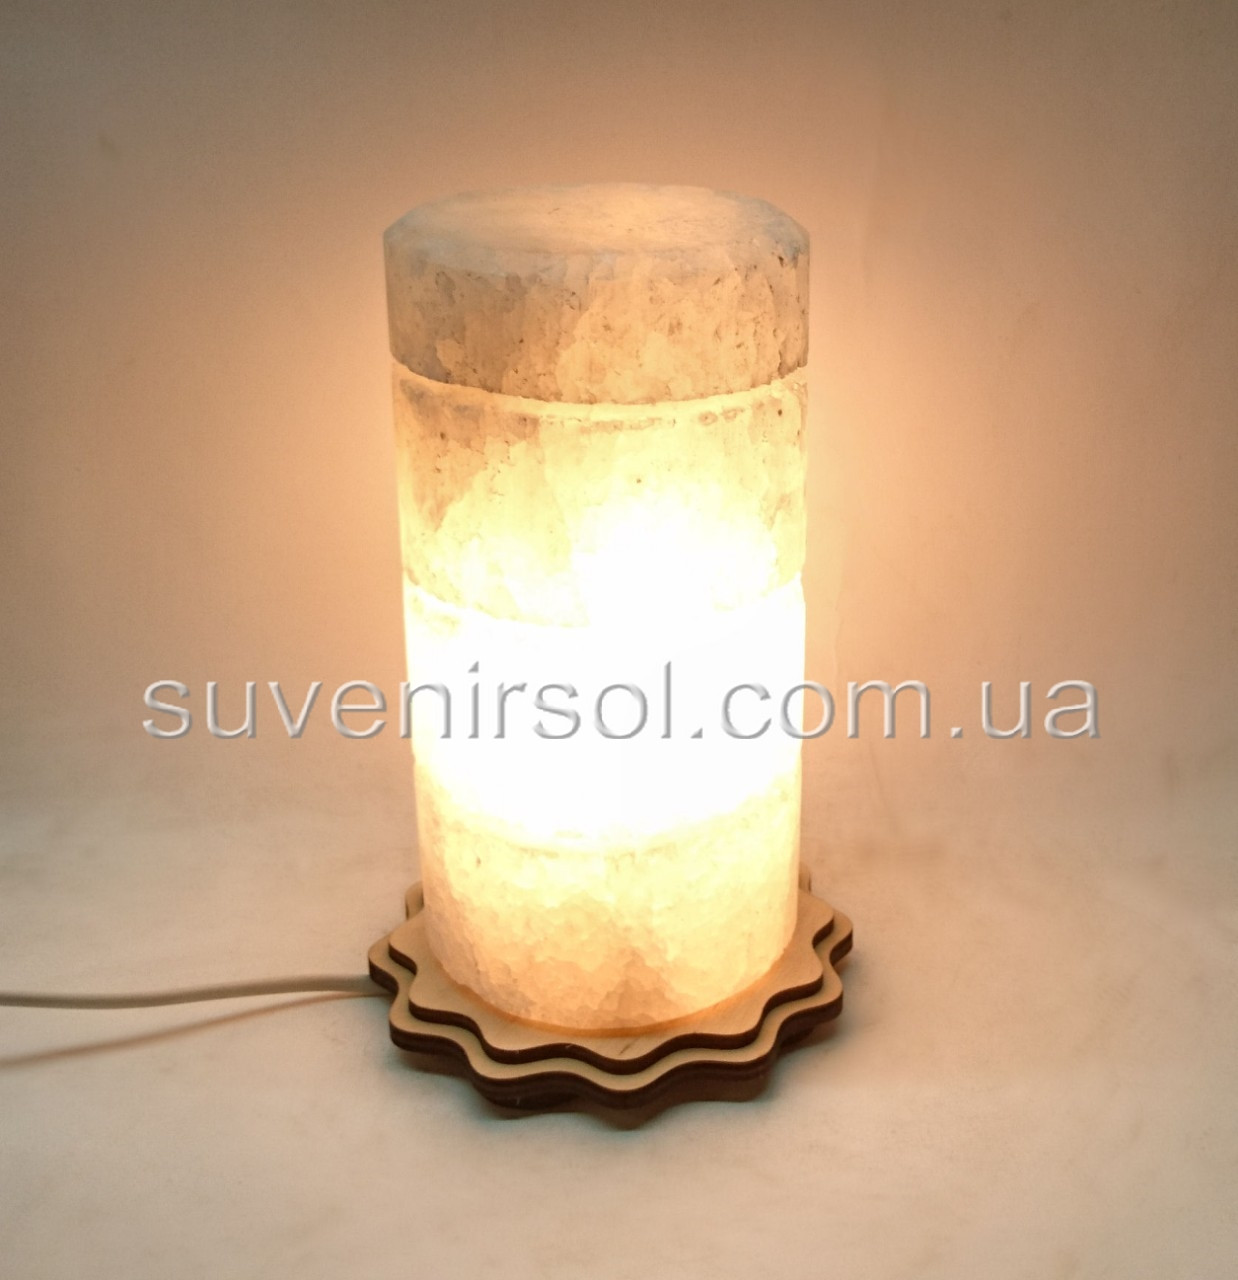 Соляной светильник Цилиндр ЦД10